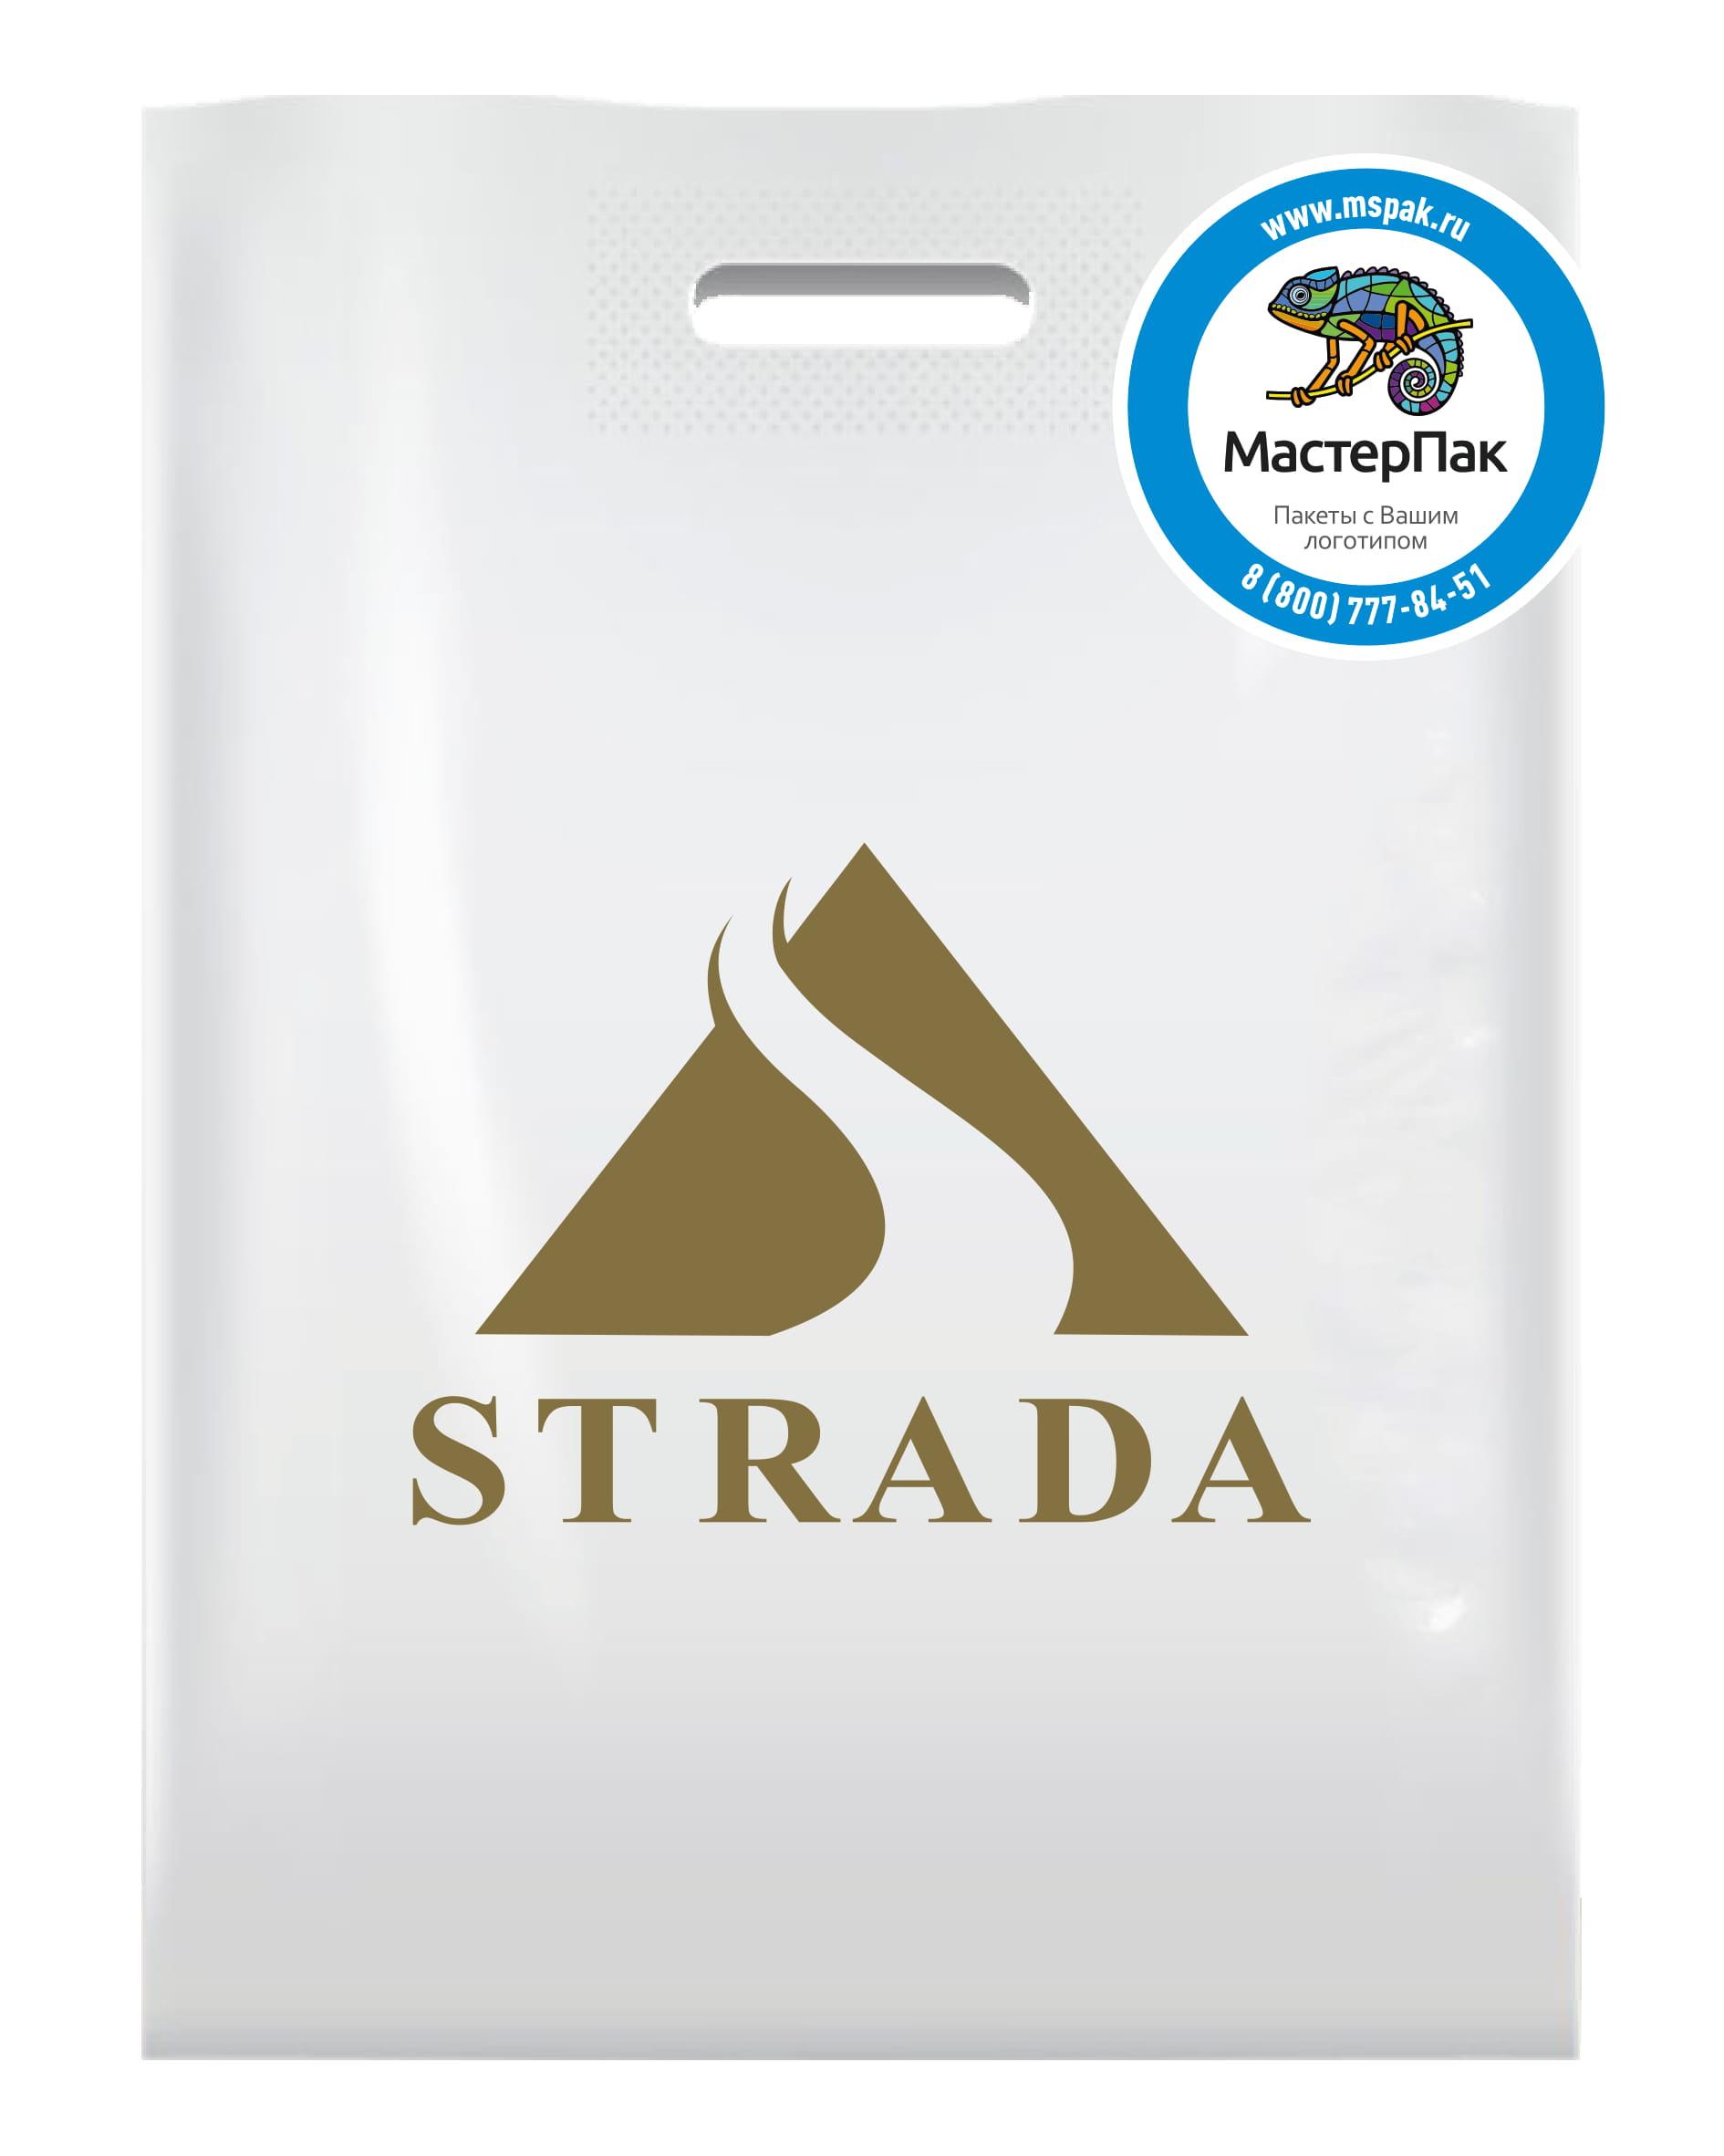 Пакет ПВД с логотипом магазина обуви Strada, Ленинградская область